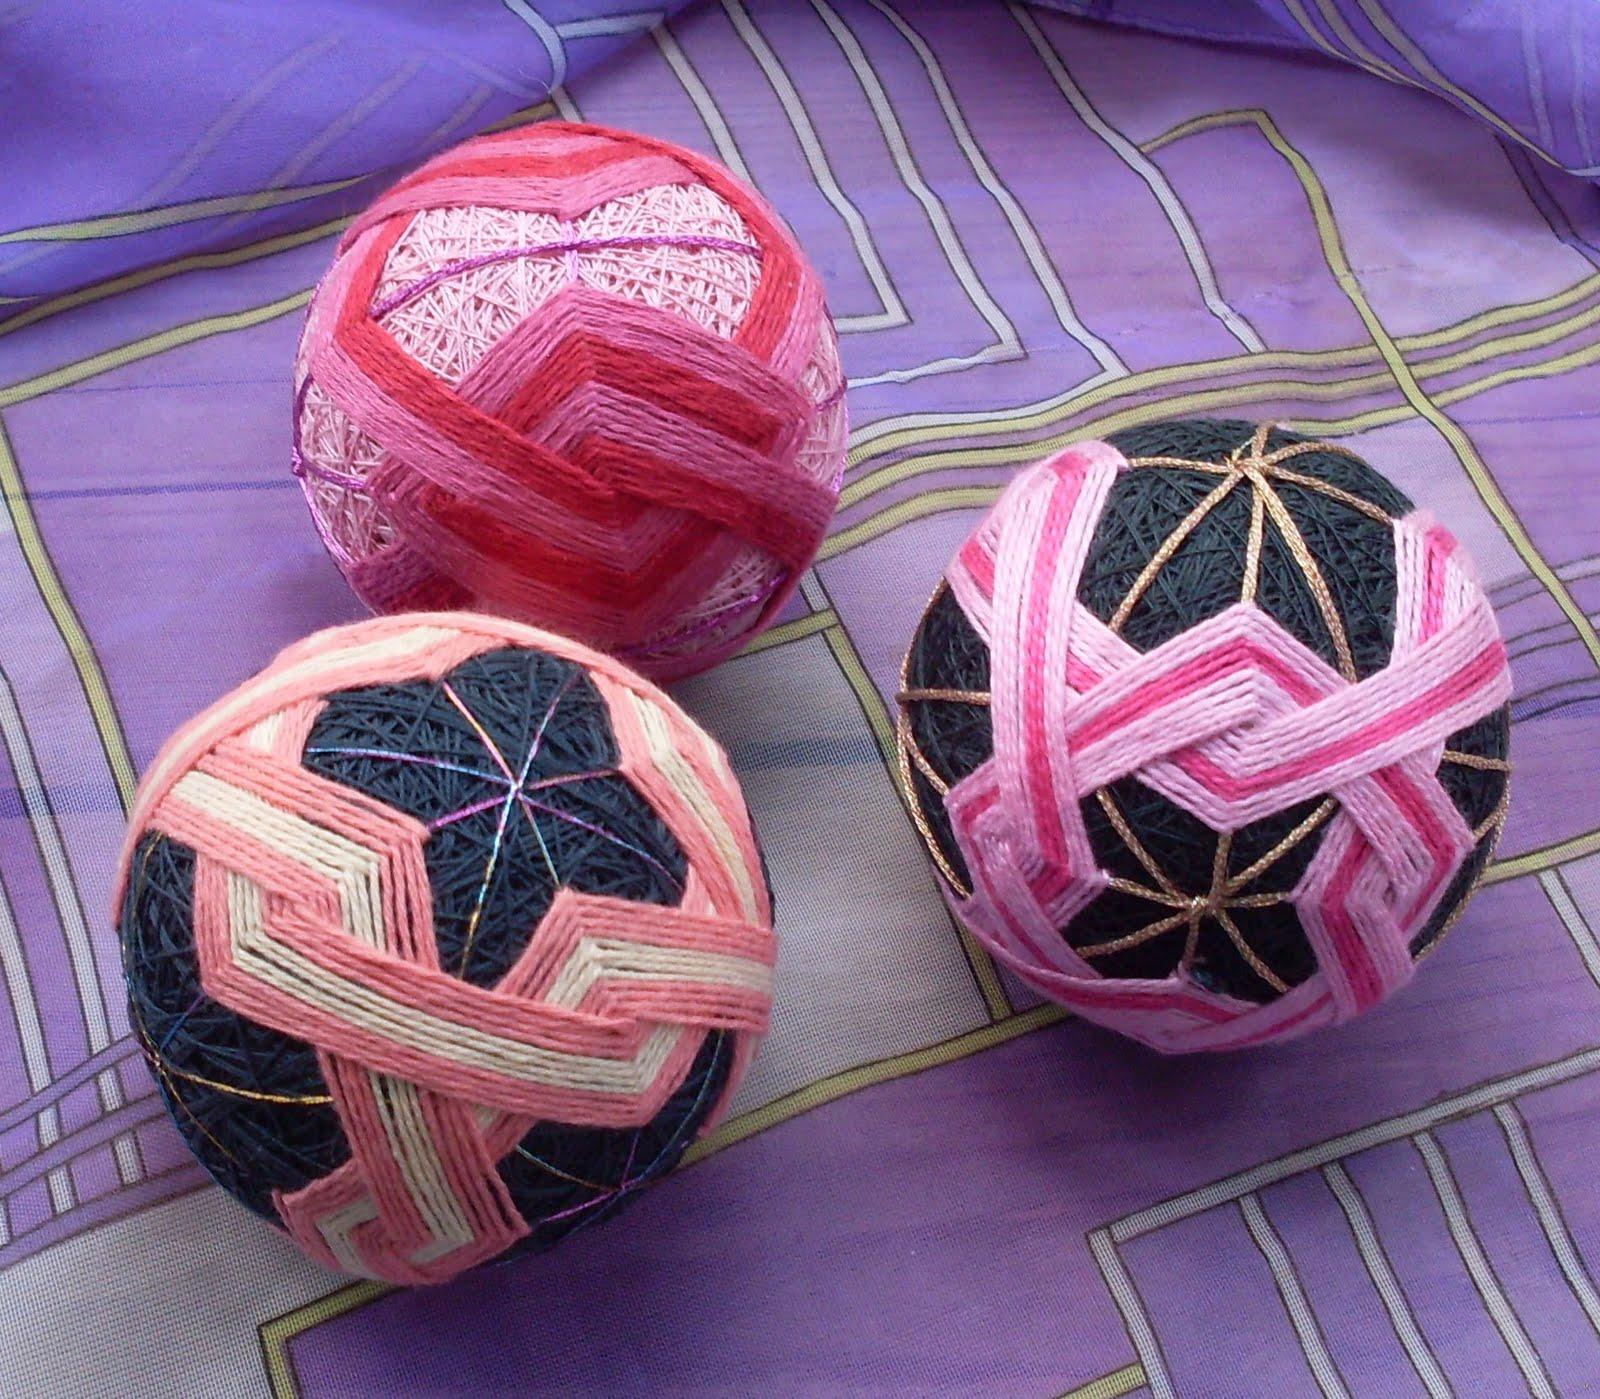 Маргарет ладлоу темари. традиционное японское искусство вышивки шаров